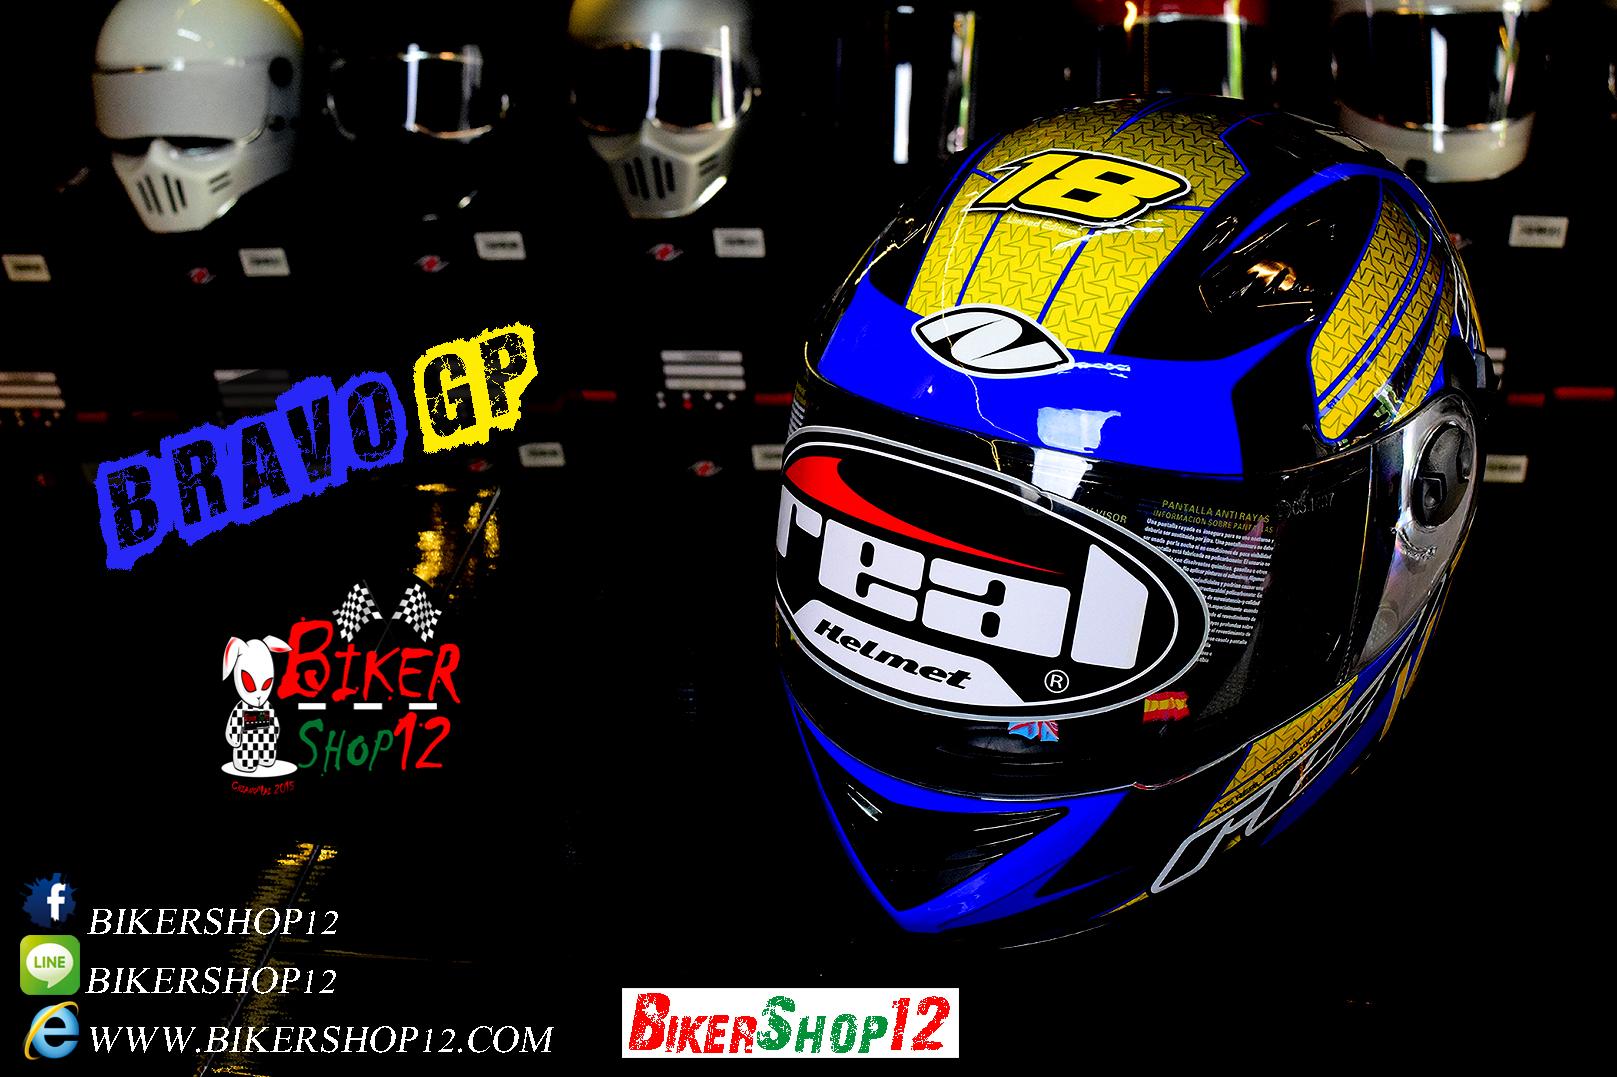 หมวกกันน็อคReal รุ่นBravo GP สีดำ-เหลือง